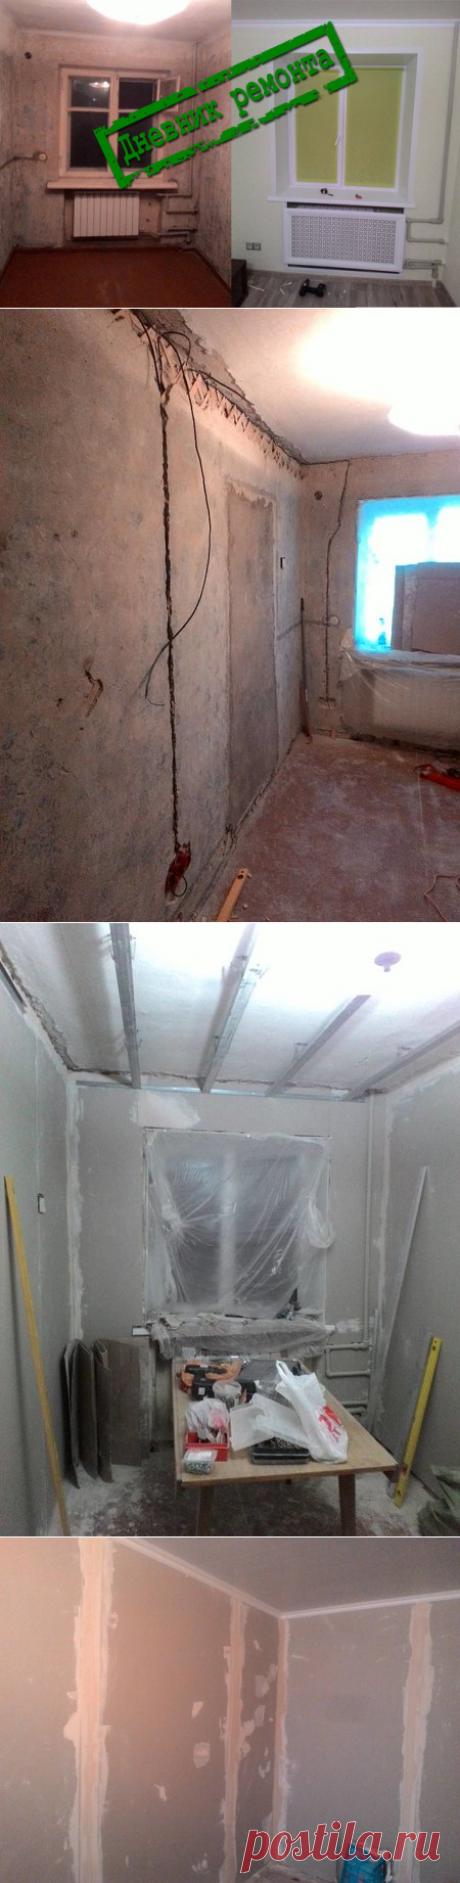 Делаем капремонт комнаты в хрущёвке своими руками за 40 тысяч рублей | Архнадзор | Яндекс Дзен